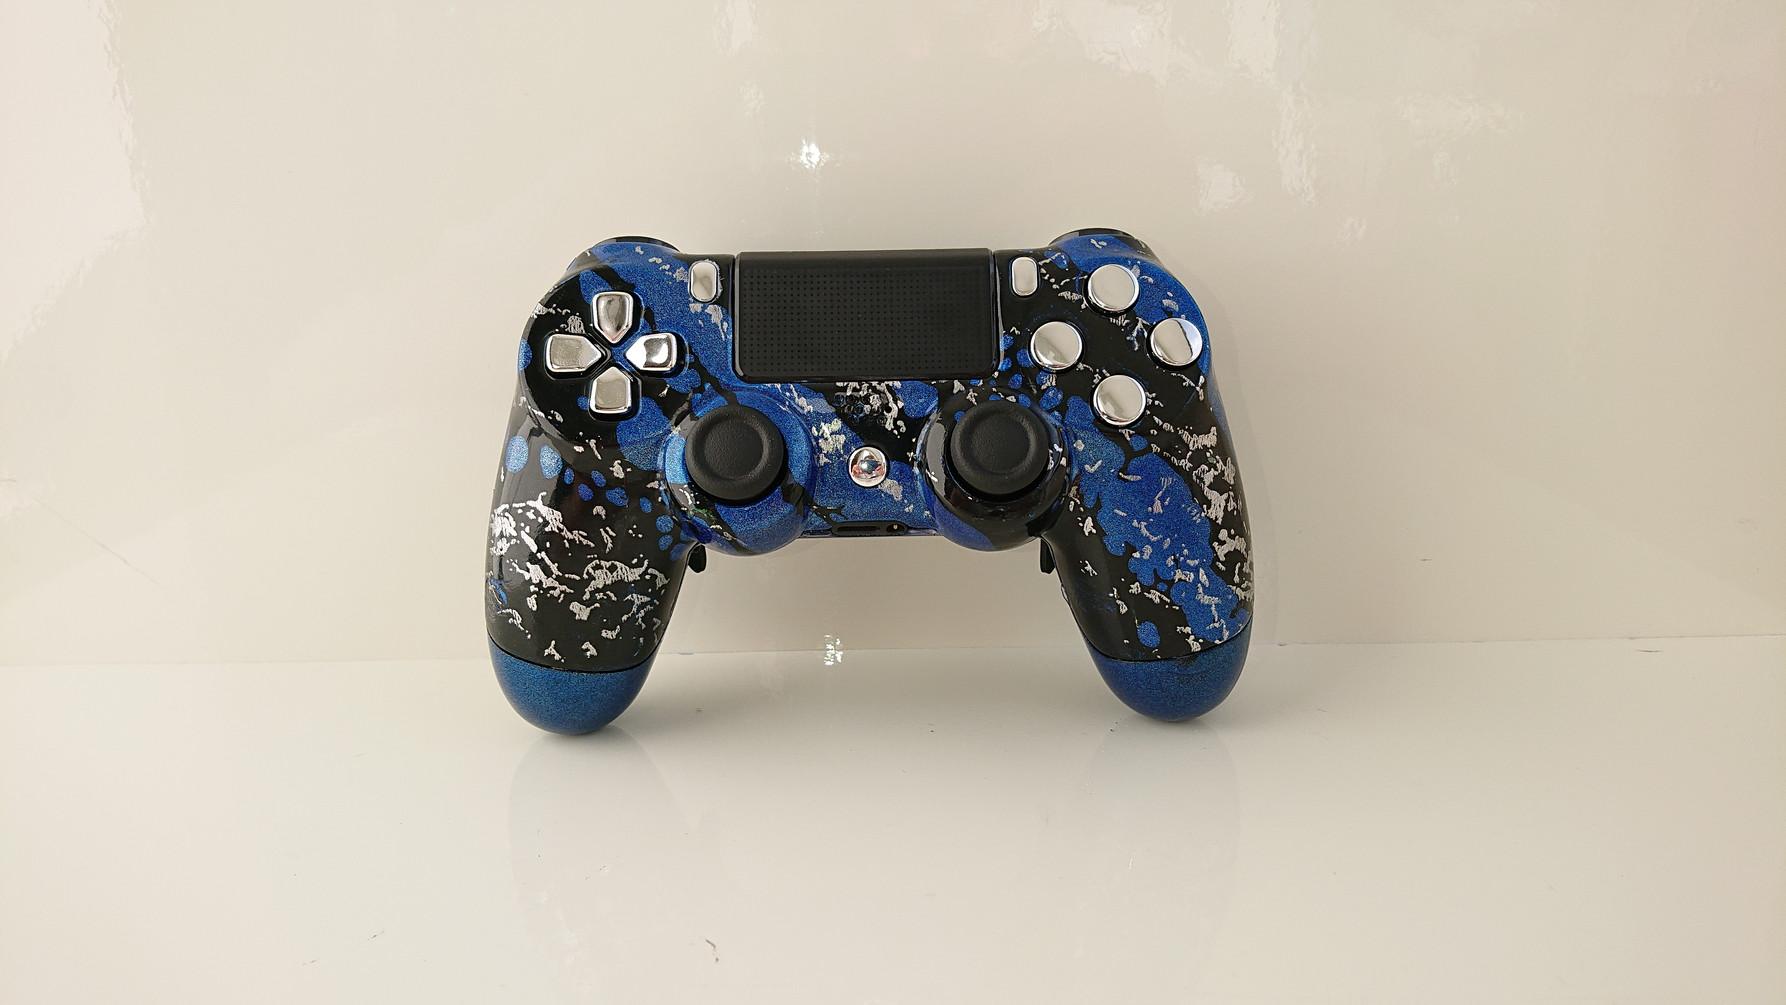 Camoflage Elite Metallic Blau